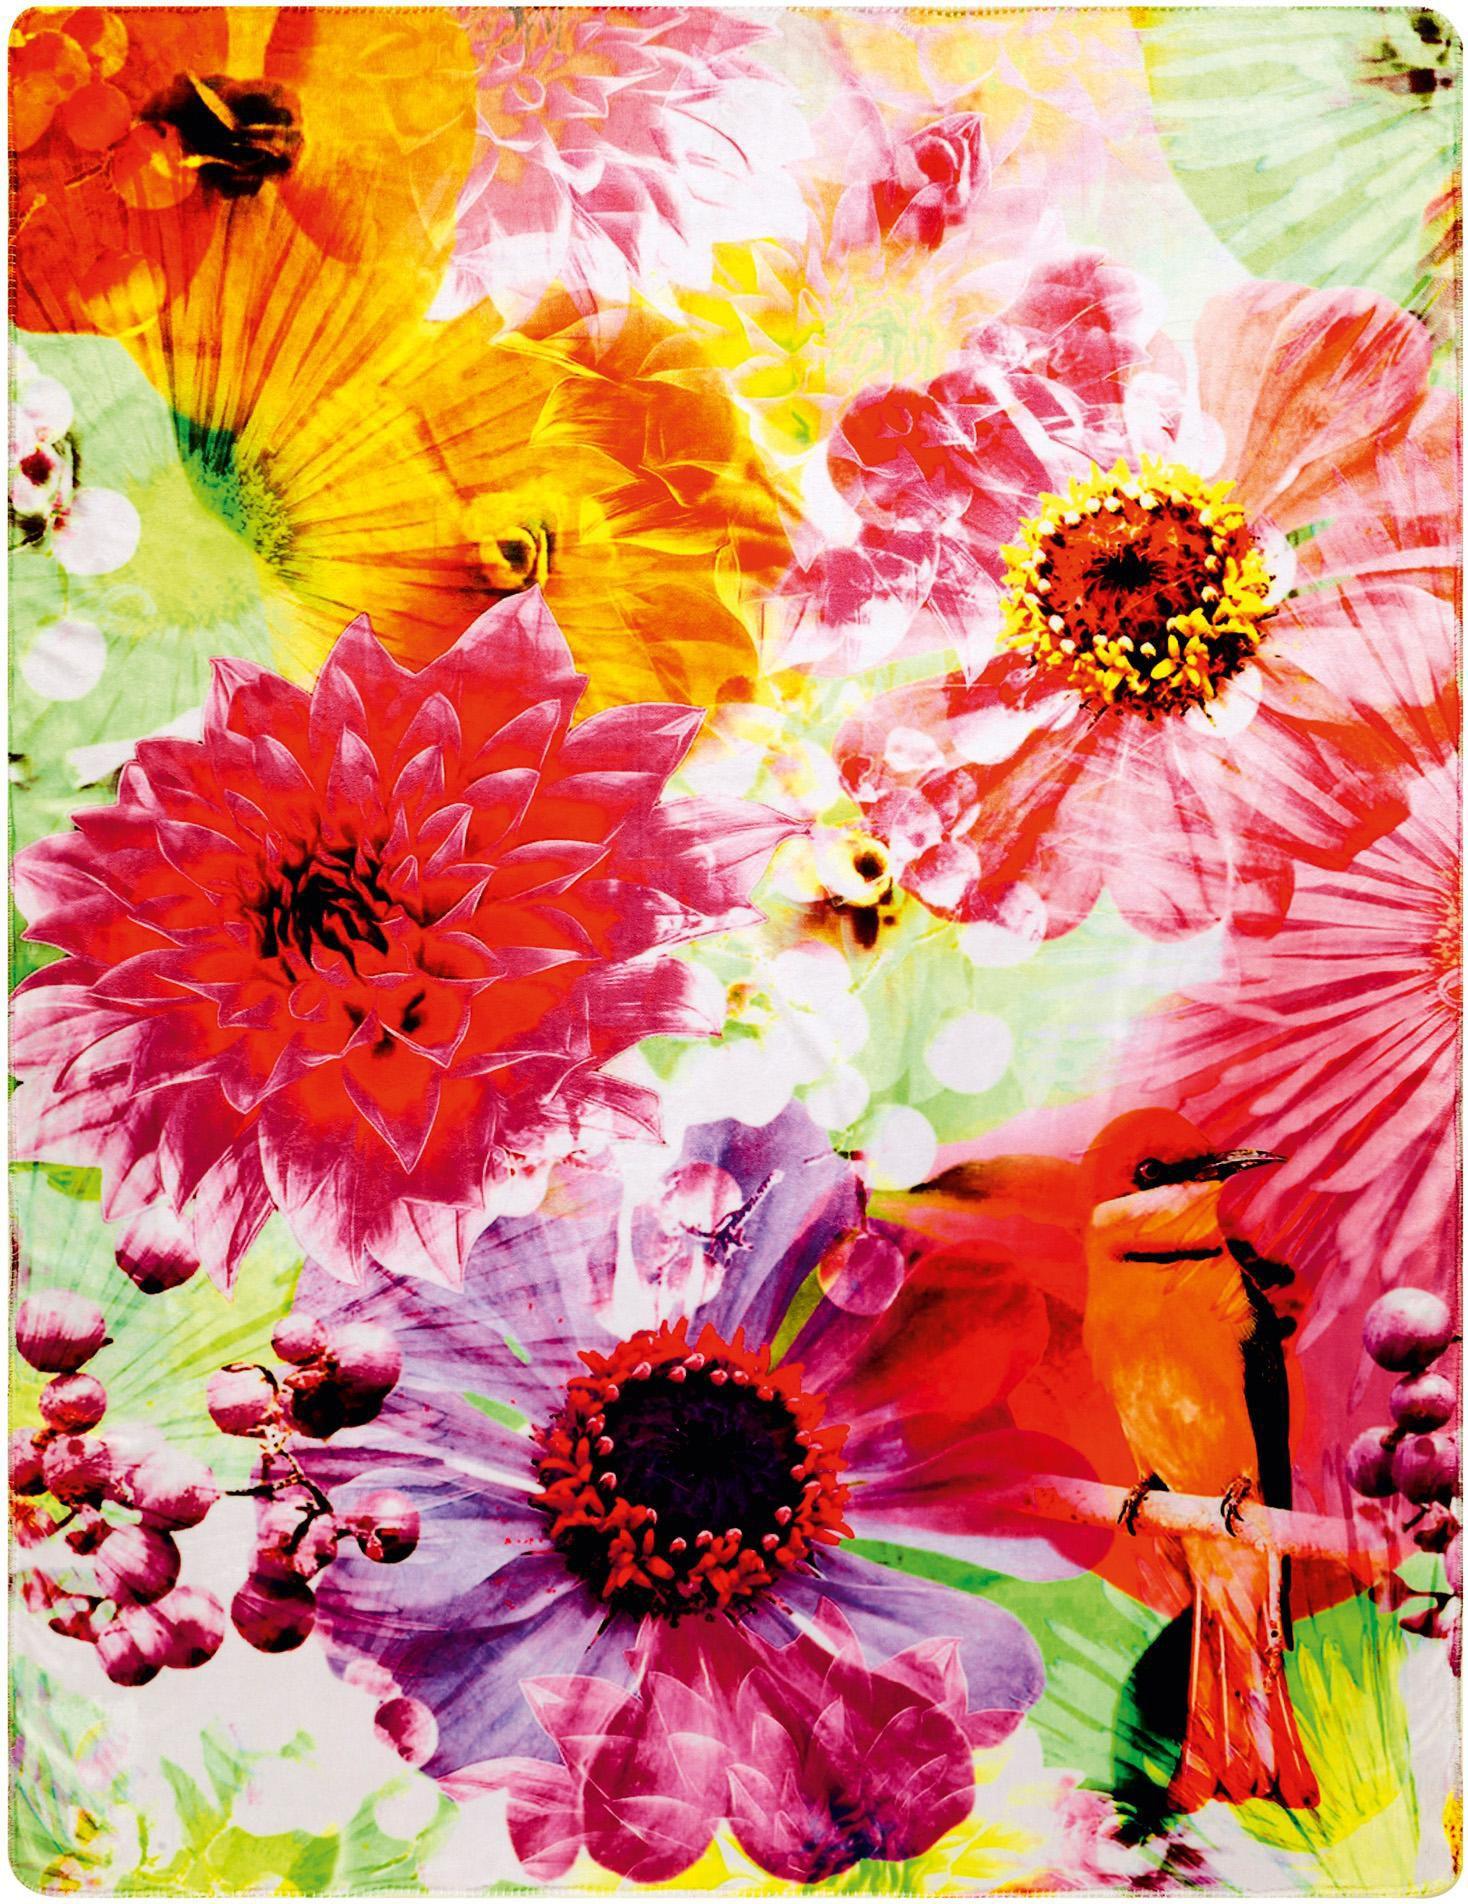 BIEDERLACK Wohndecke, Biederlack, »Bird in Paradise«, mit Blüten